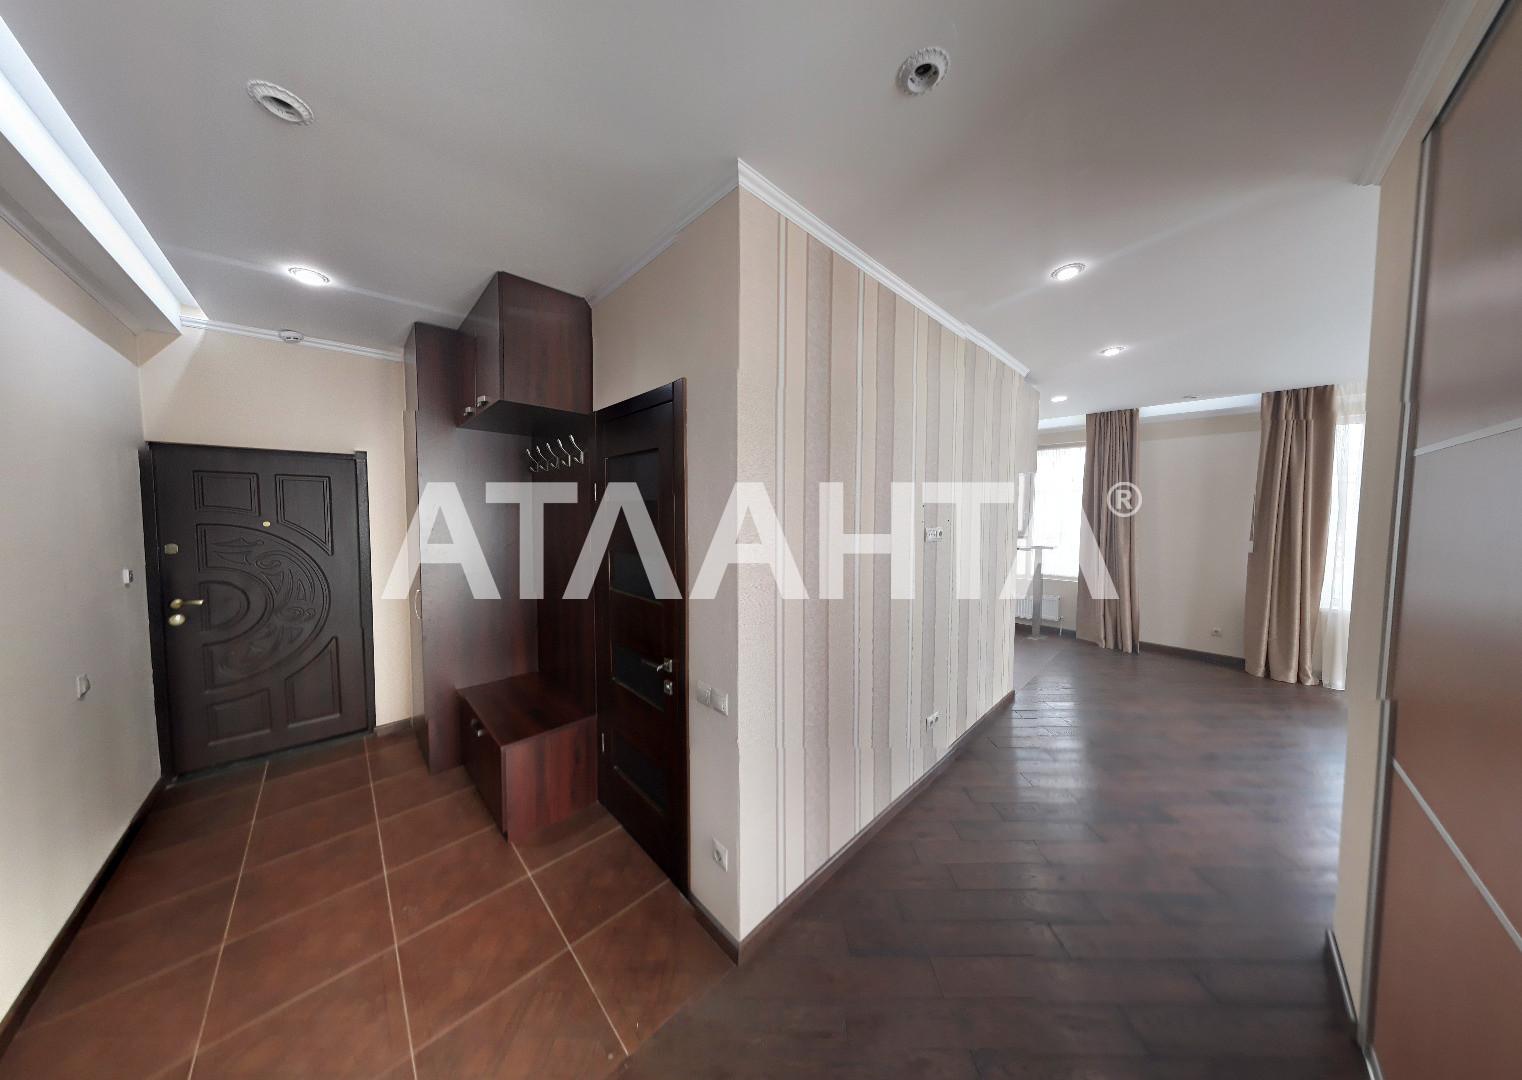 Продается 2-комнатная Квартира на ул. Ул. Луценко Дмитрия — 70 000 у.е. (фото №11)